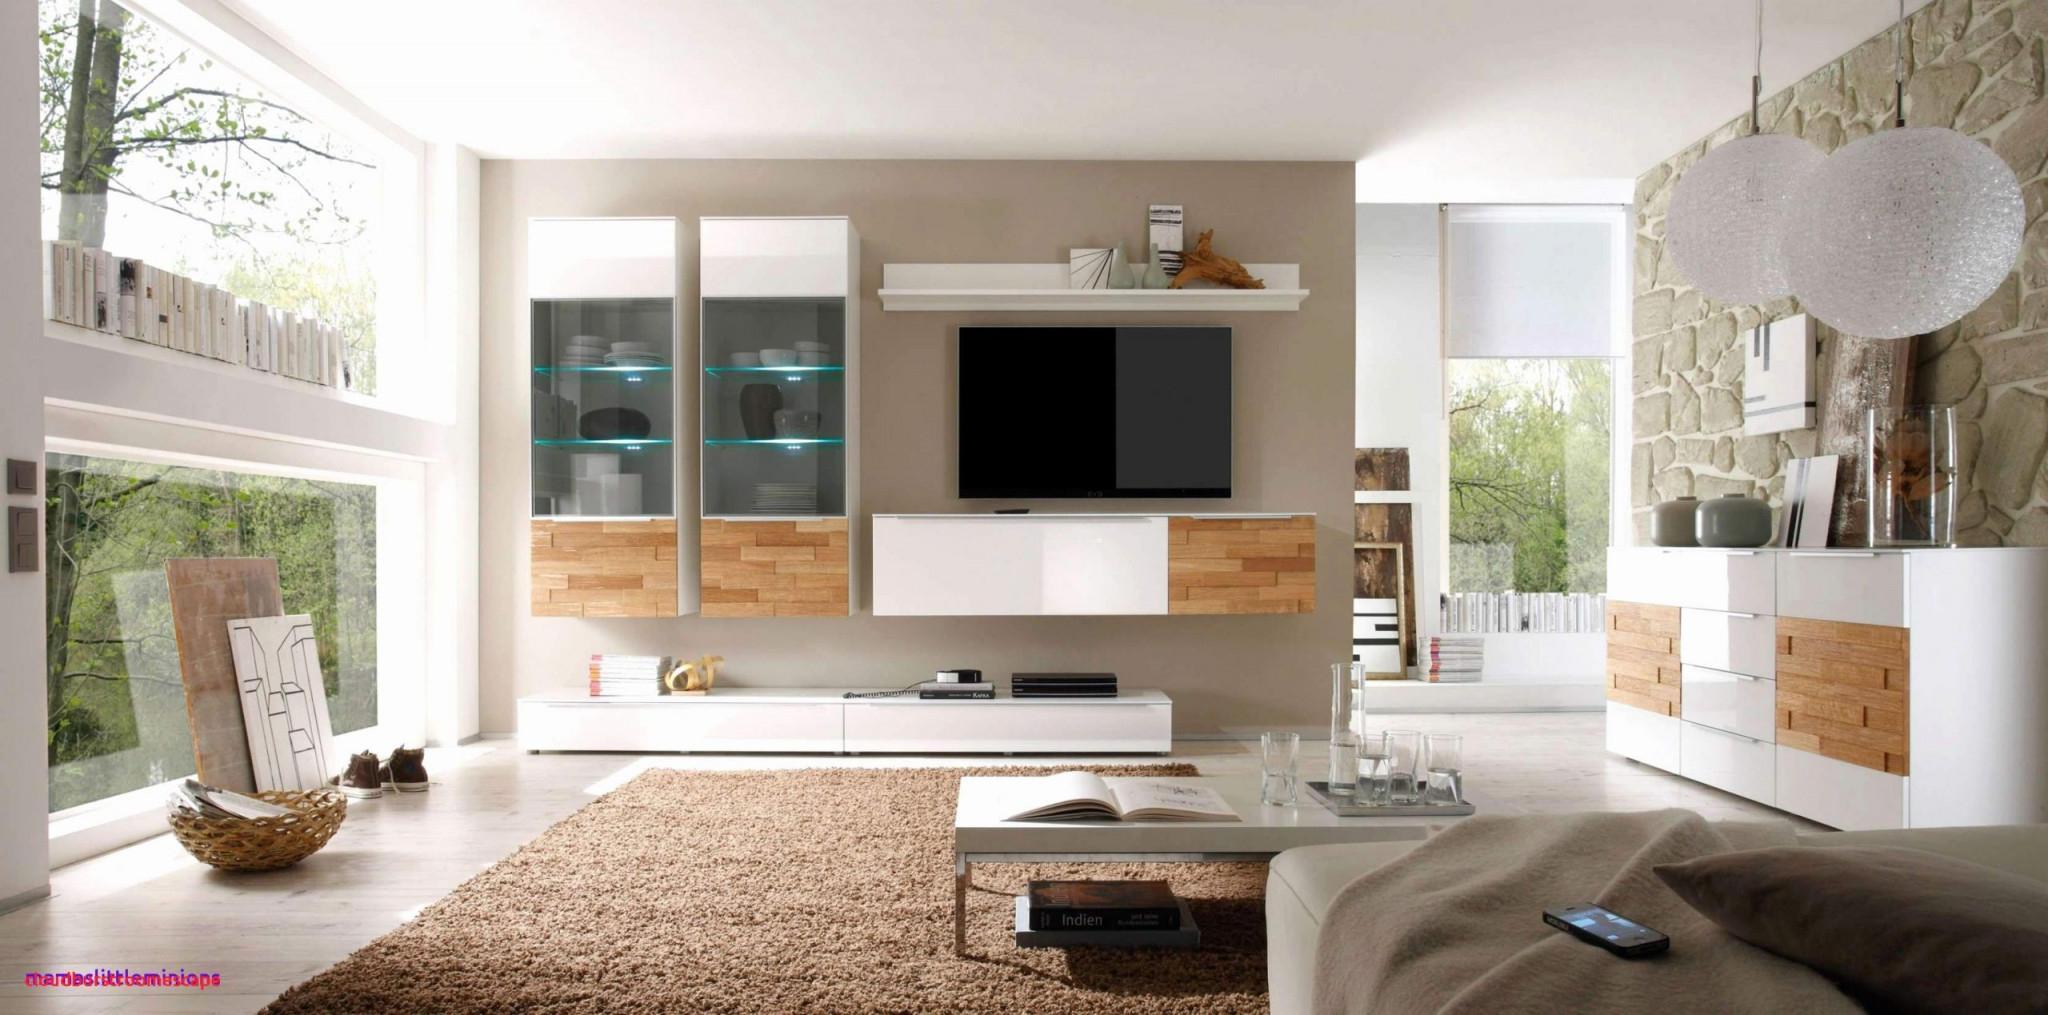 29 Neu Wohnzimmer Einrichten Farben Das Beste Von von Wohnzimmer Einrichten Farben Photo